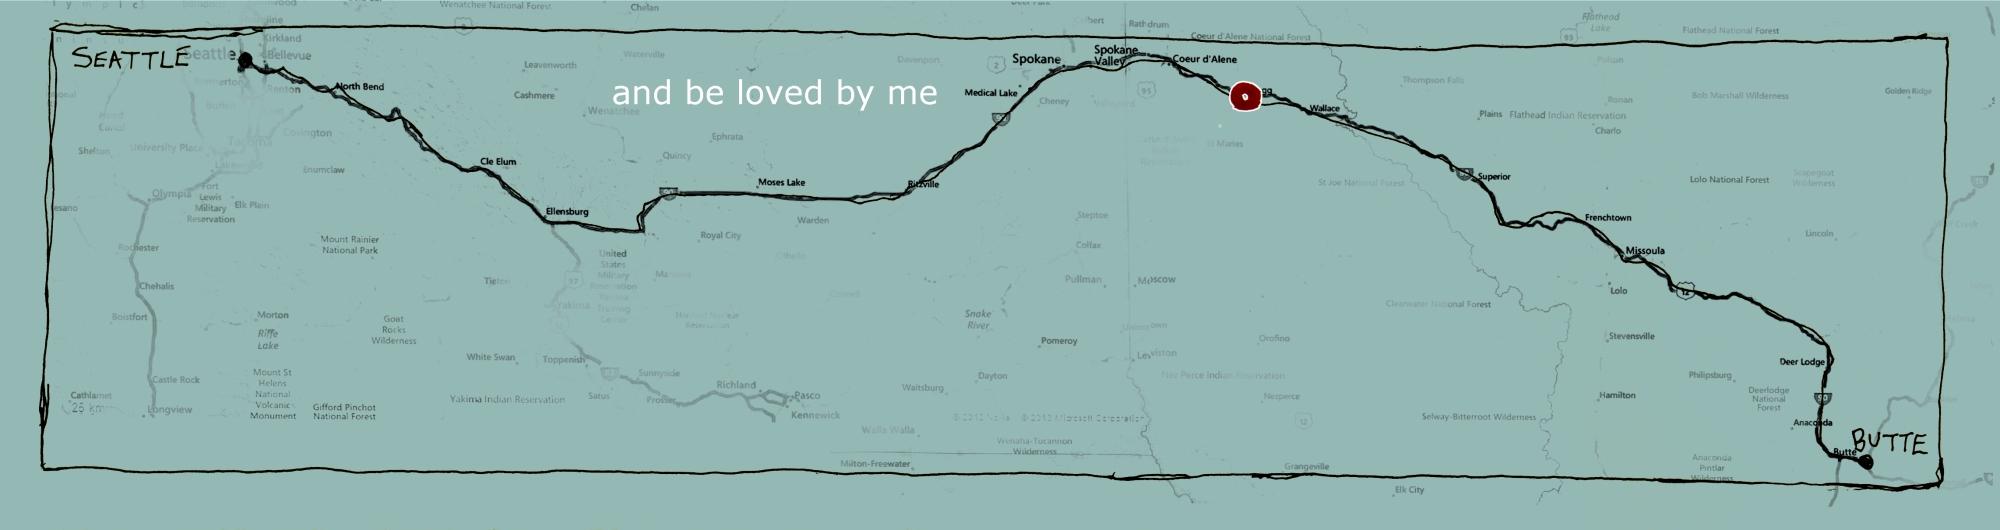 331 map